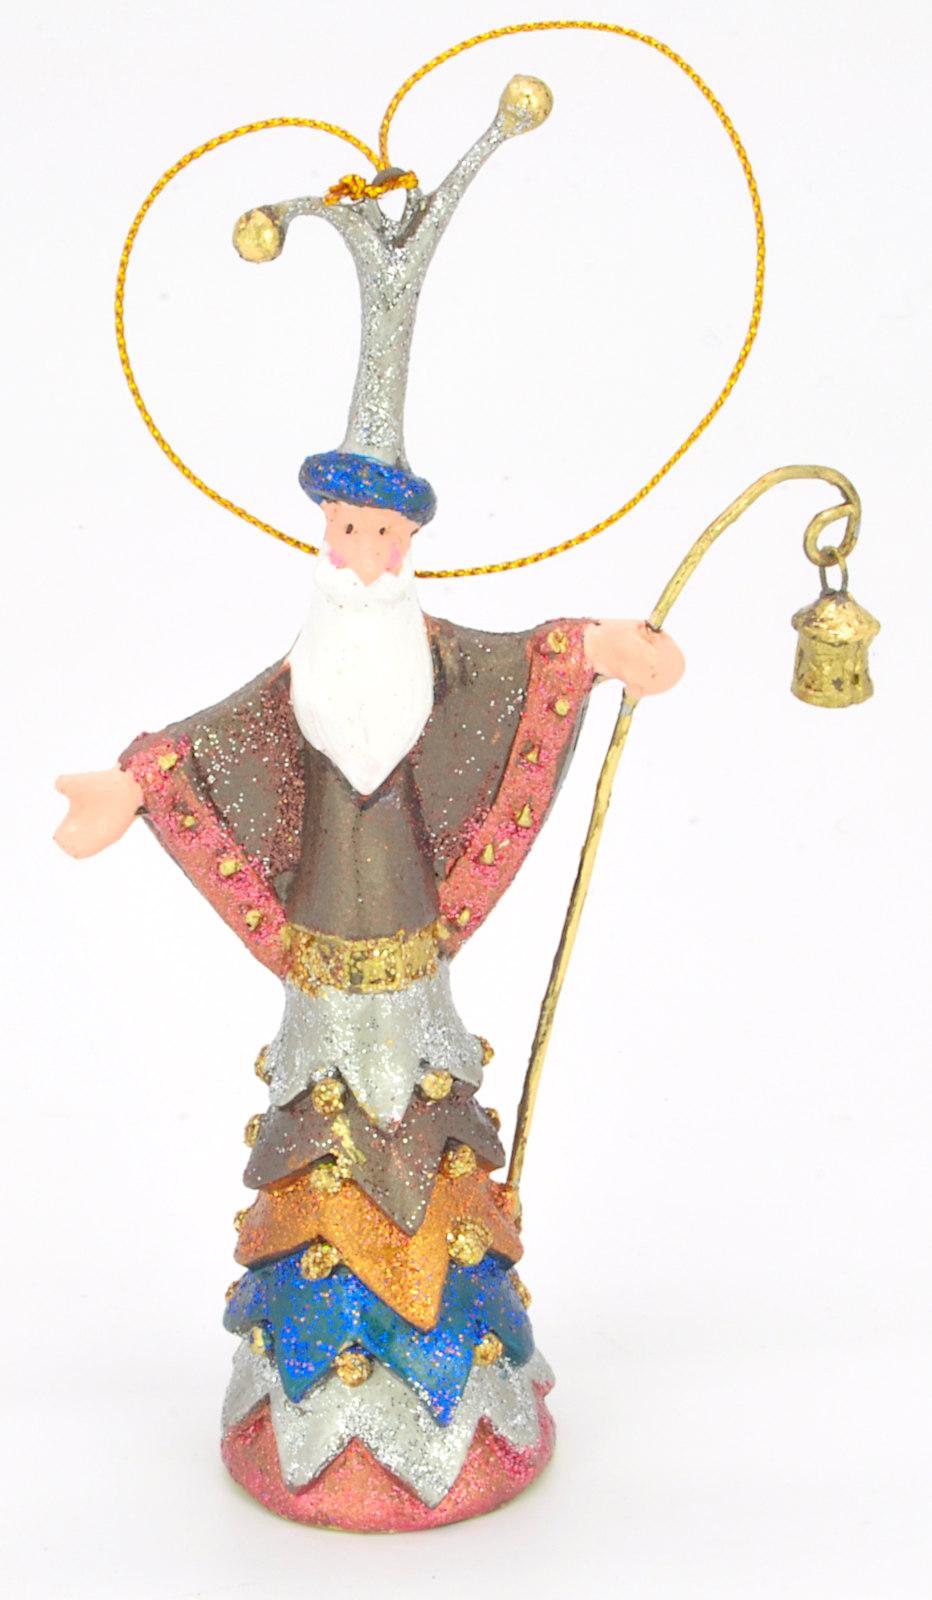 Christbaumschmuck Figur Weihnachtsmann mit Stab braun blau Baumschmuck 14cm